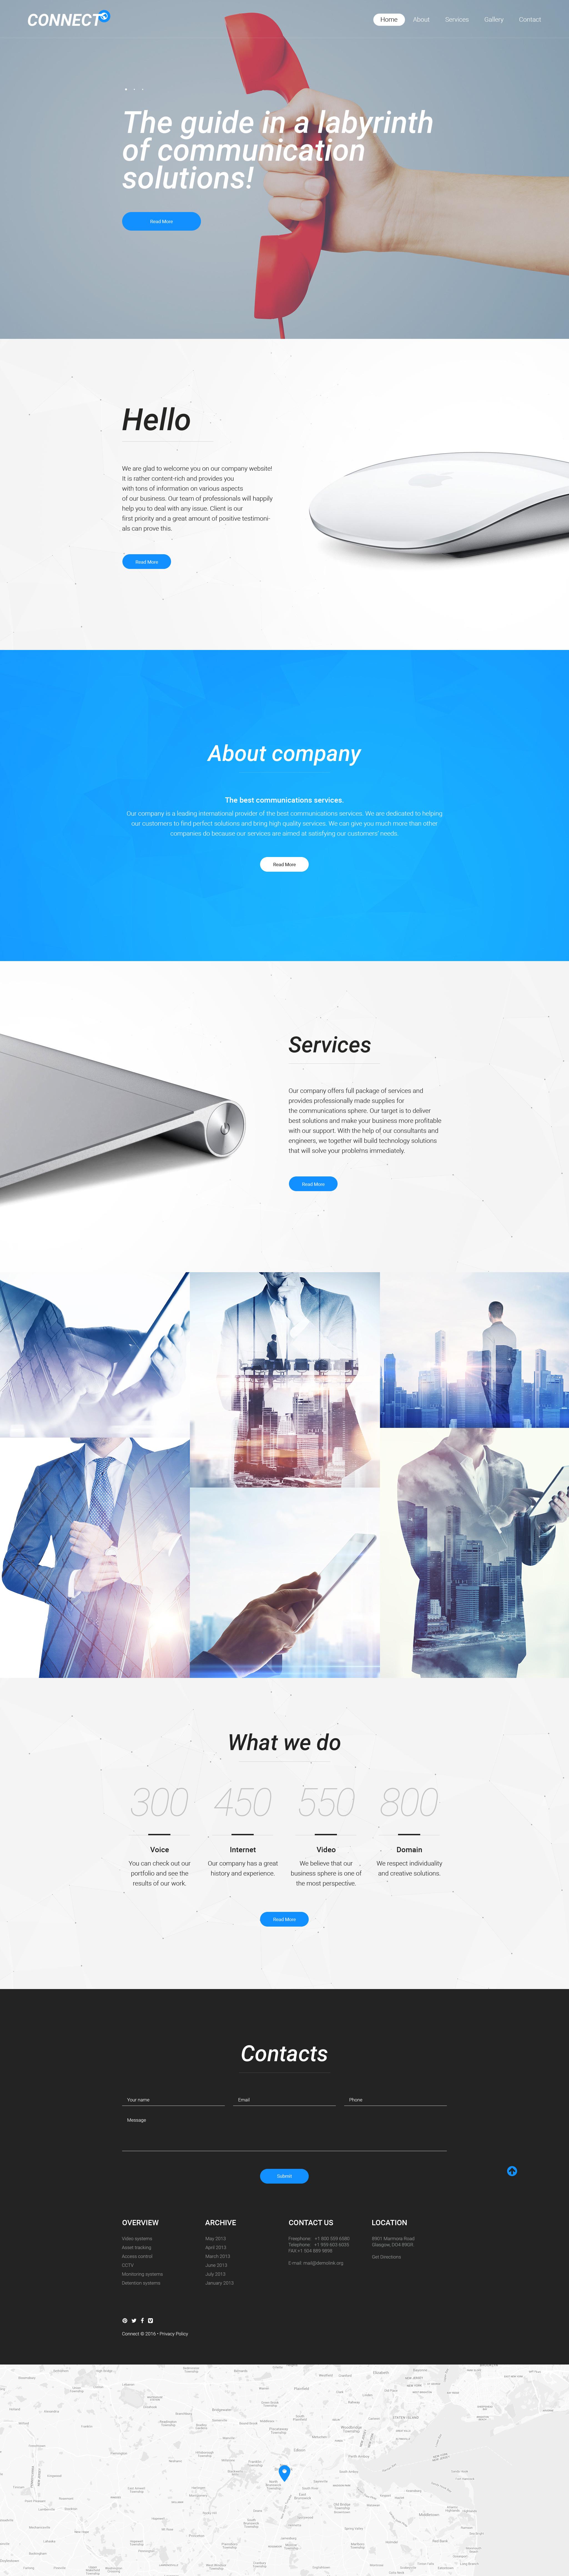 Plantilla Web Responsive para Sitio de Proveedores de servicios de Internet #57663